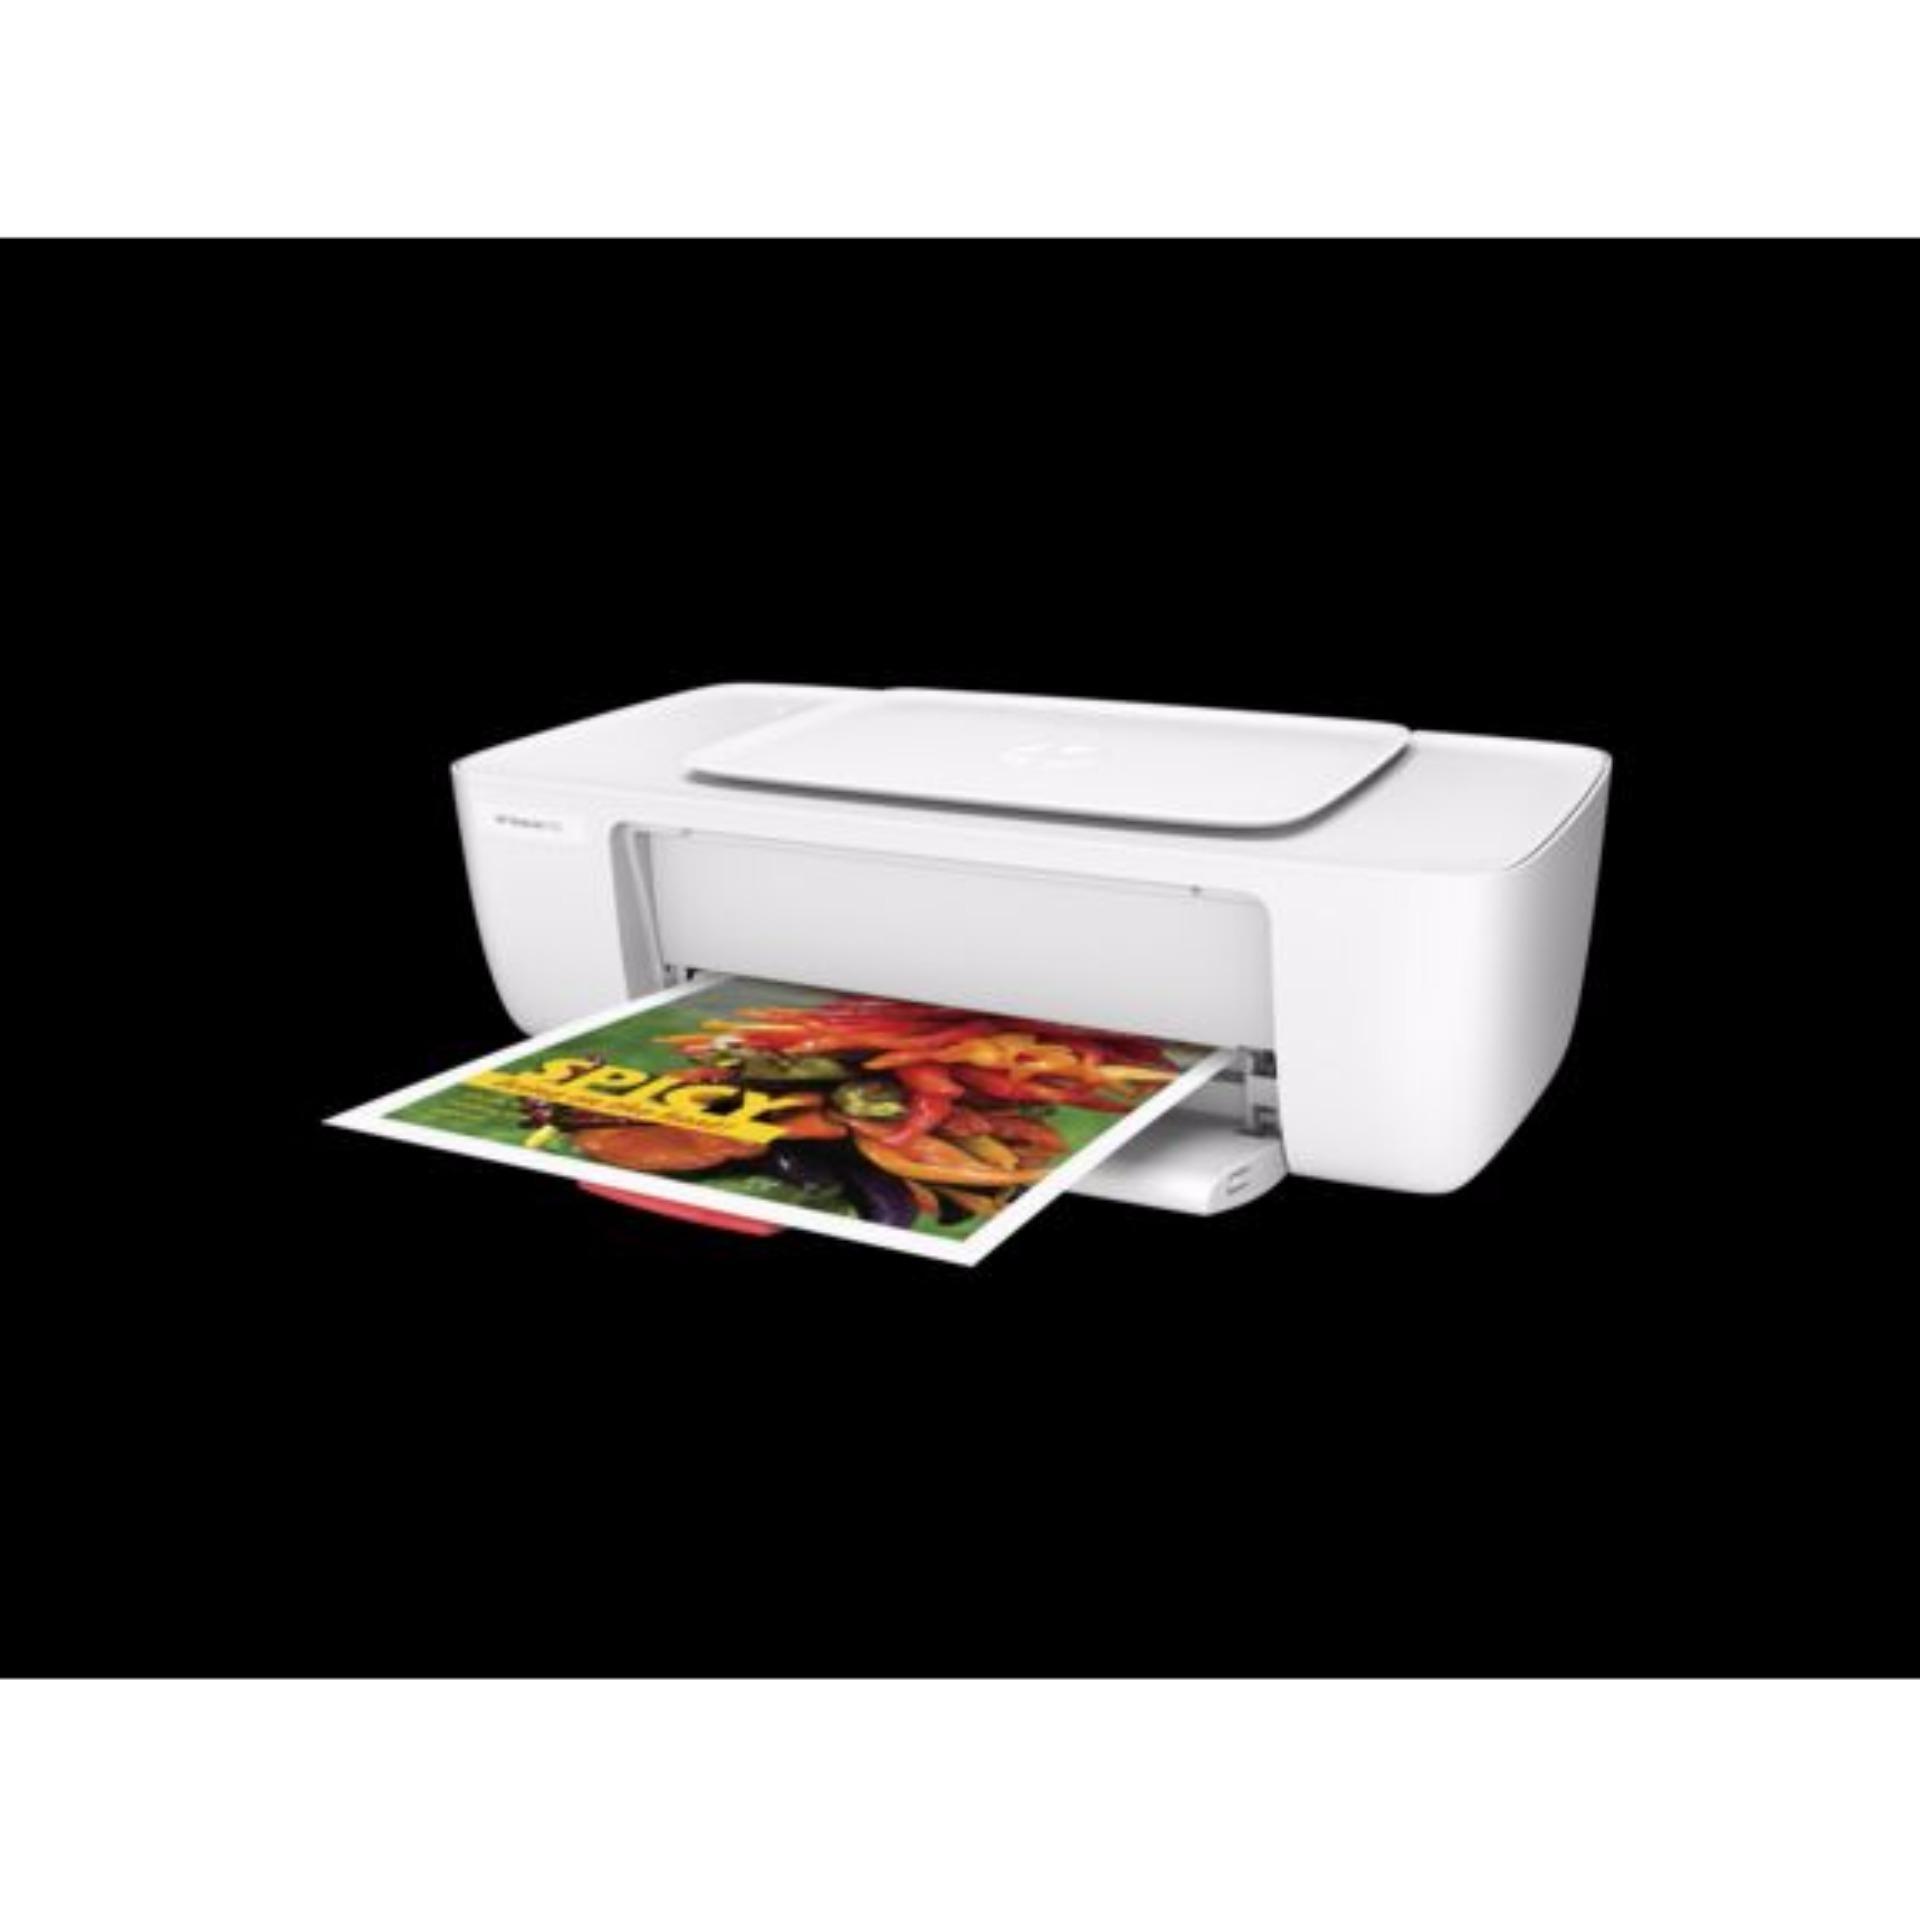 Online Murah Printer Hp 1112 Hot Deals